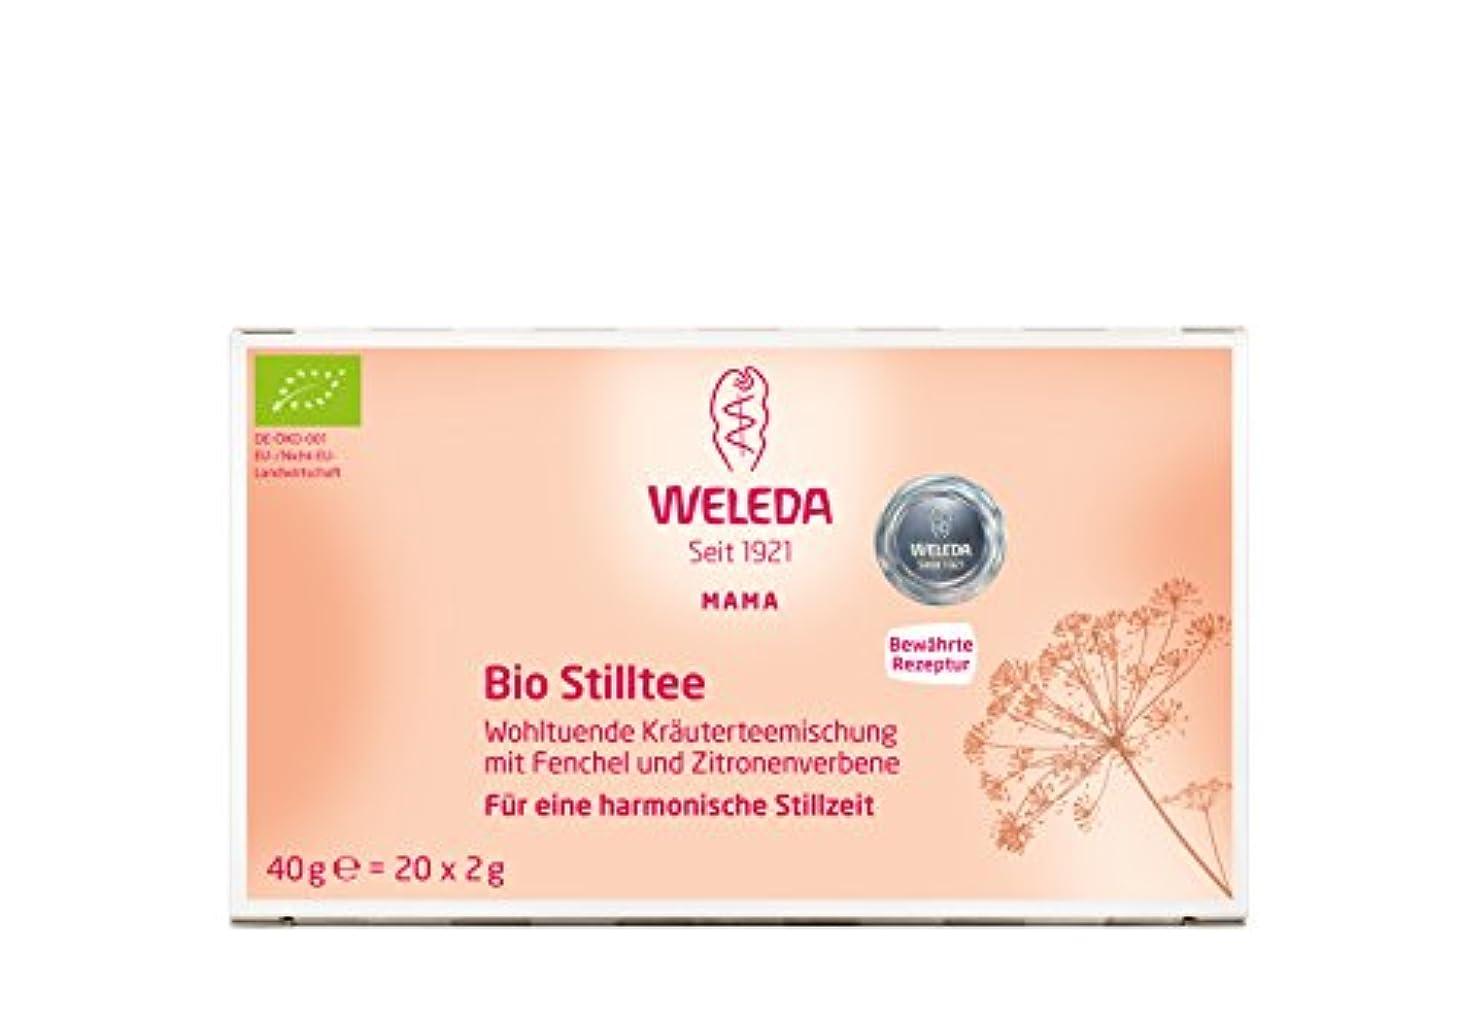 戻るチーム溶けたWELEDA(ヴェレダ) マザーズティー 40g (2g×20包) 【ハーブティー?授乳期のママに?水分補給やリラックスしたいときに】